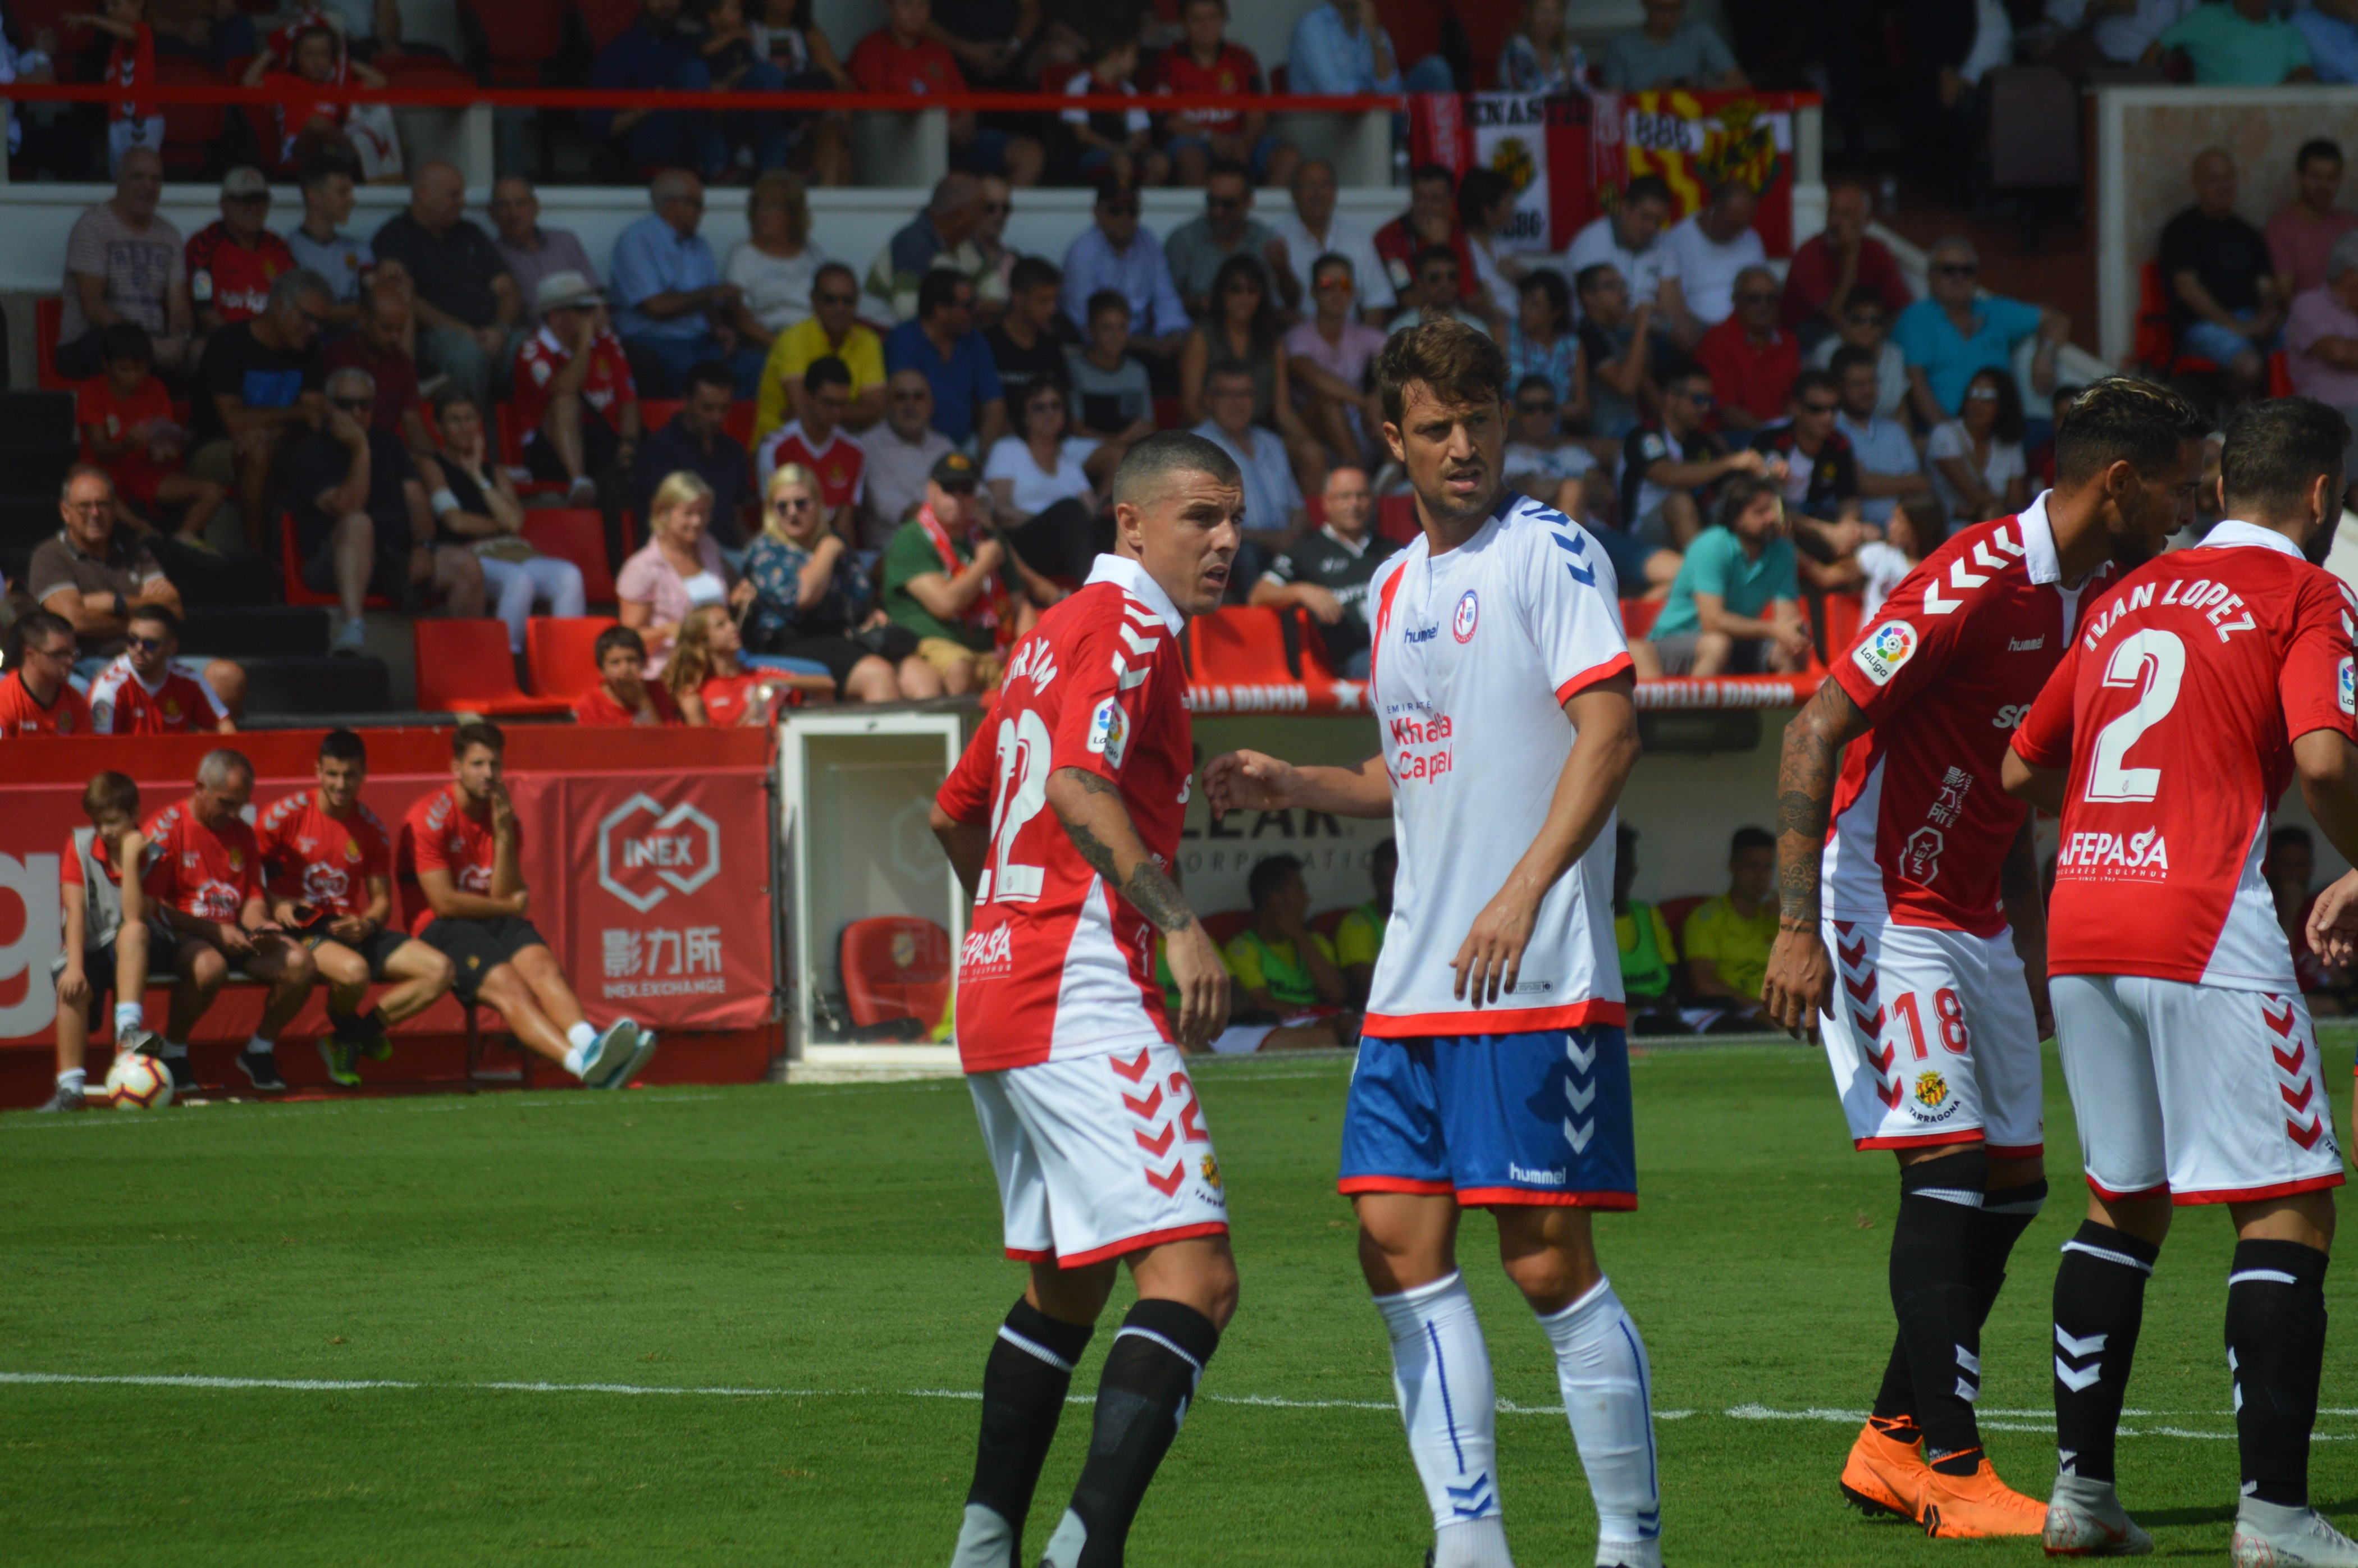 Horarios jornada 8: Rayo Majadahonda-Sporting de Gijón, 20:00 horas